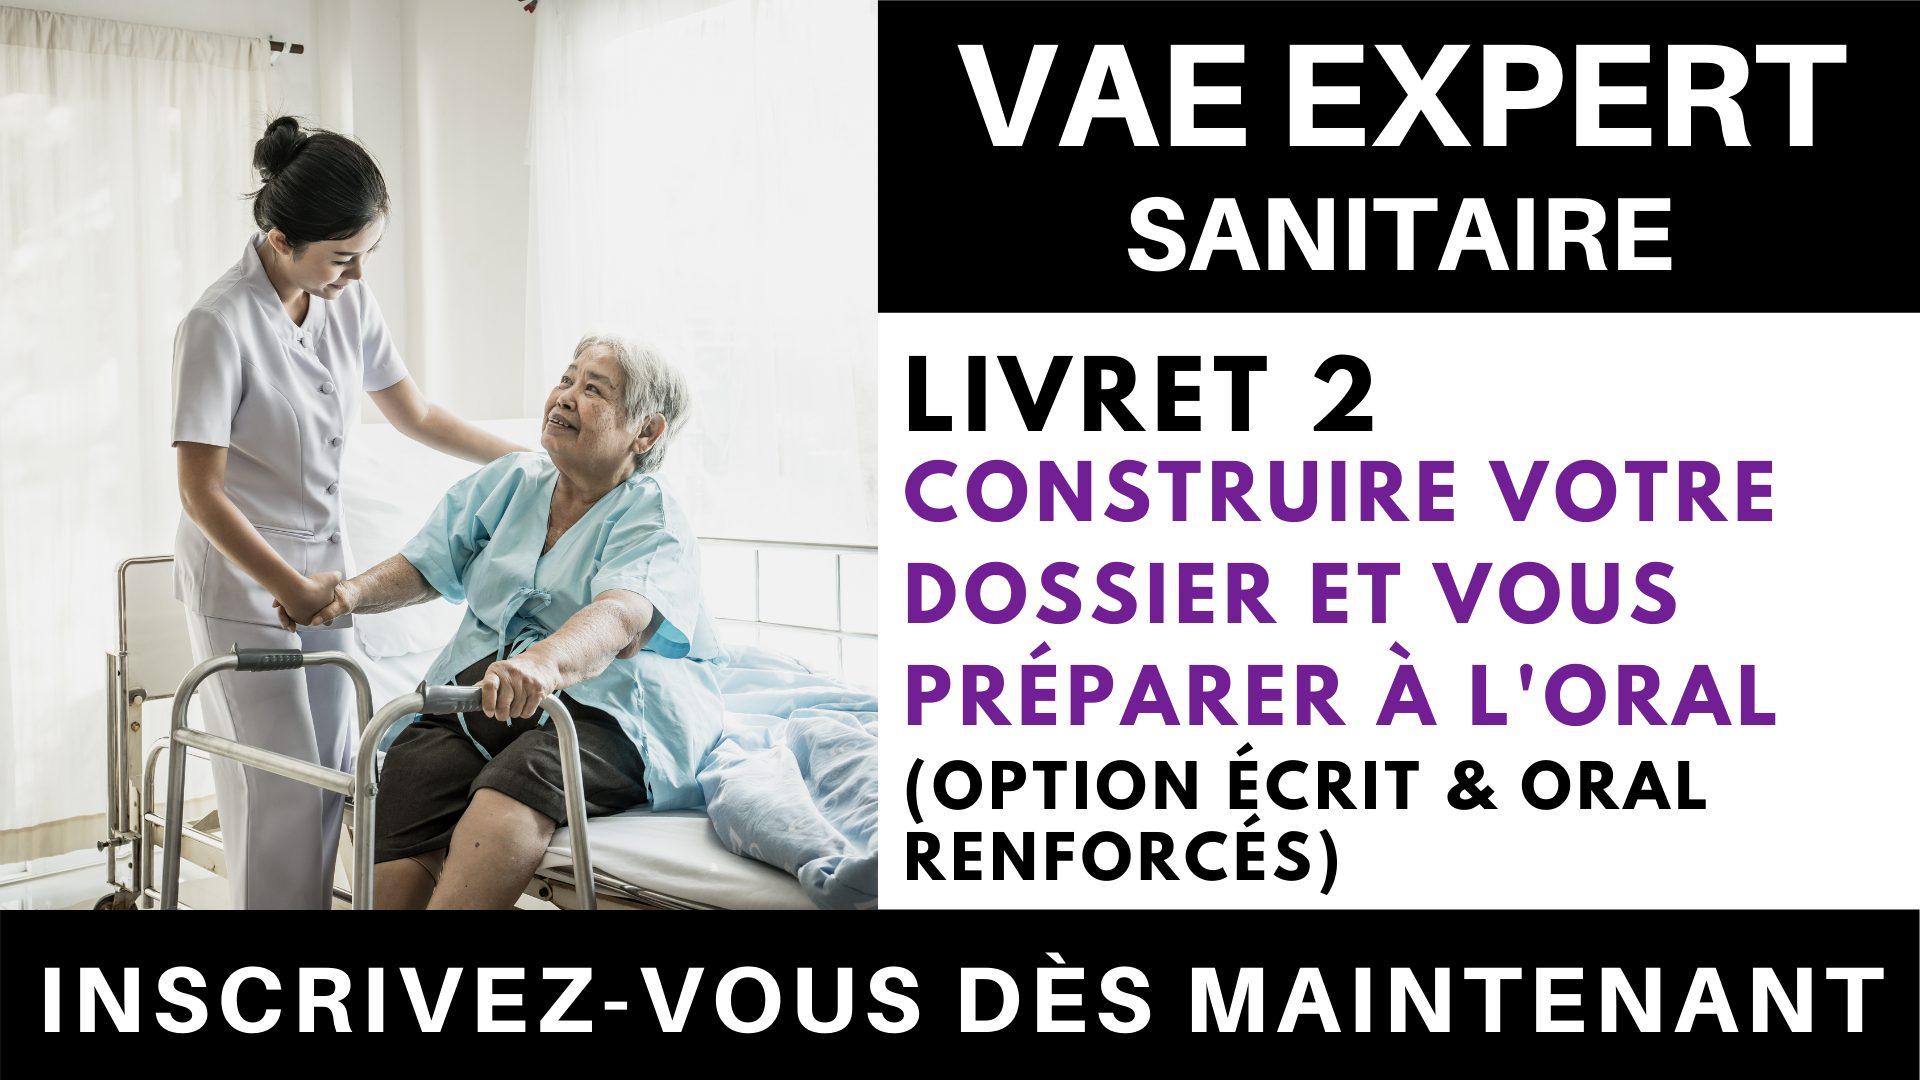 VAE EXPERT SANITAIRE - Livret 2 Construire votre dossier et vous préparer à l'oral (option écrit & oral renforcés)